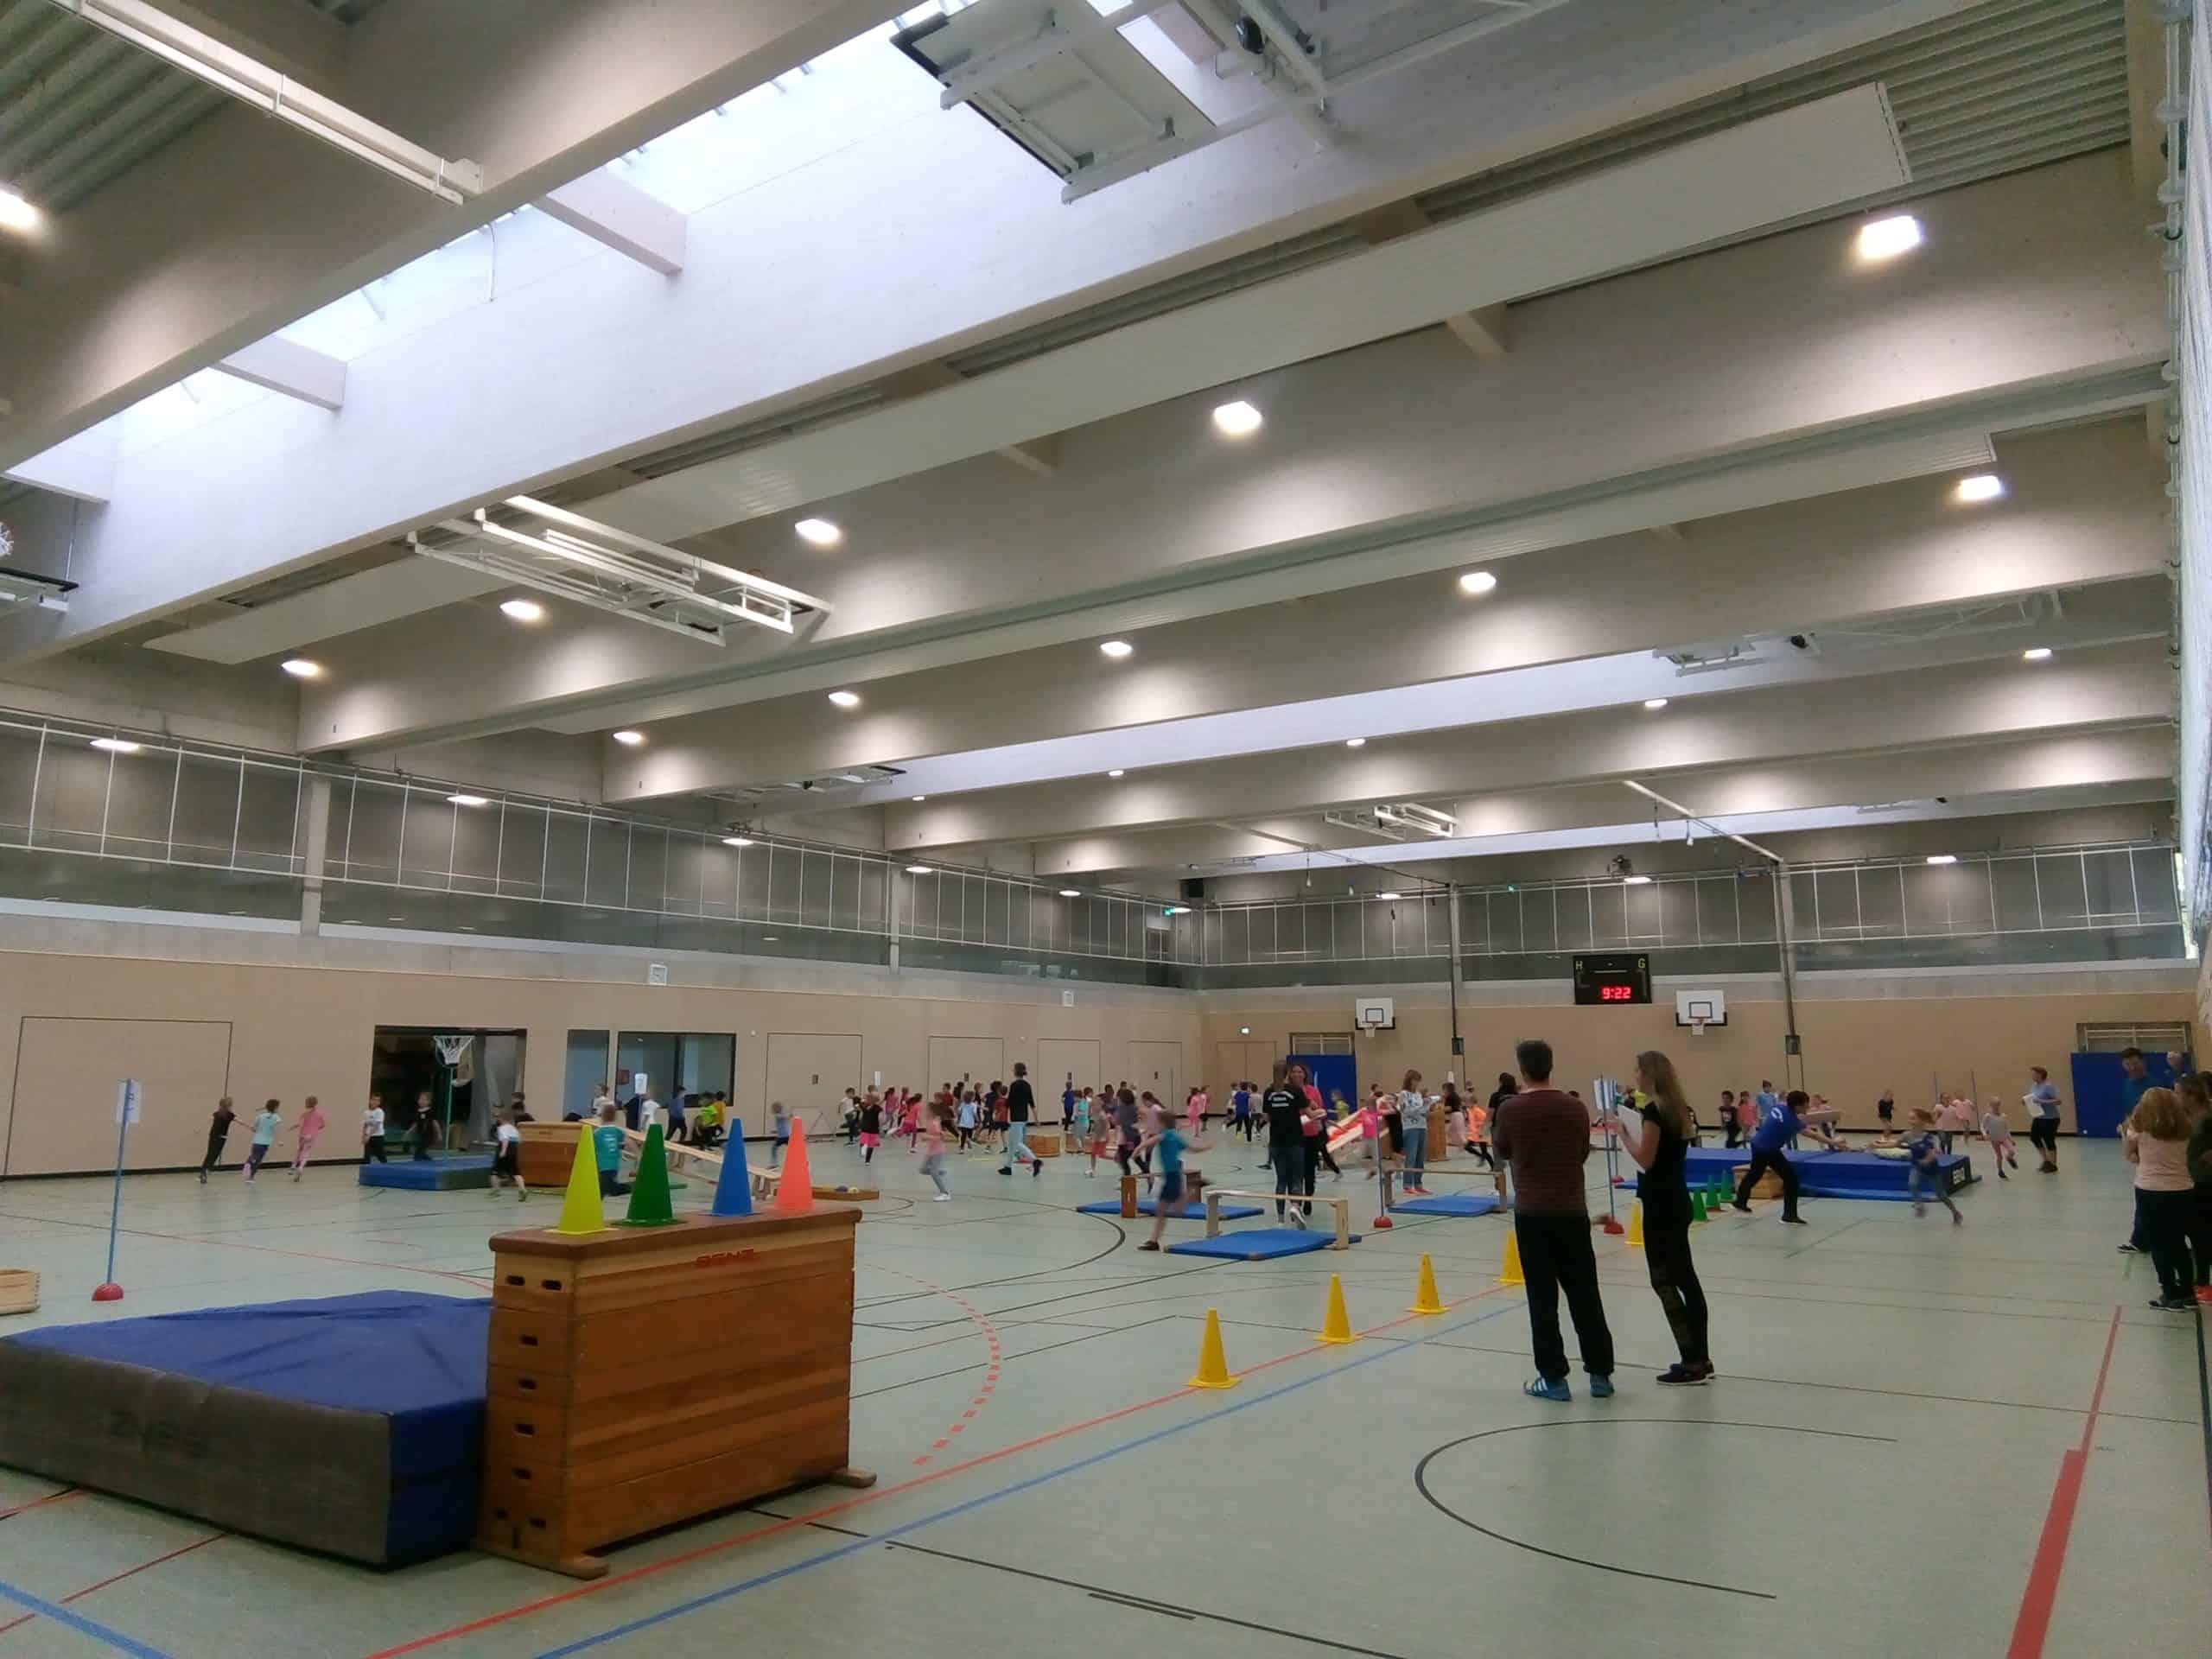 Handballtag durchgeführt durch die Spielegemeinschaft Herbrechtingen-Bolheim (Minihandball)